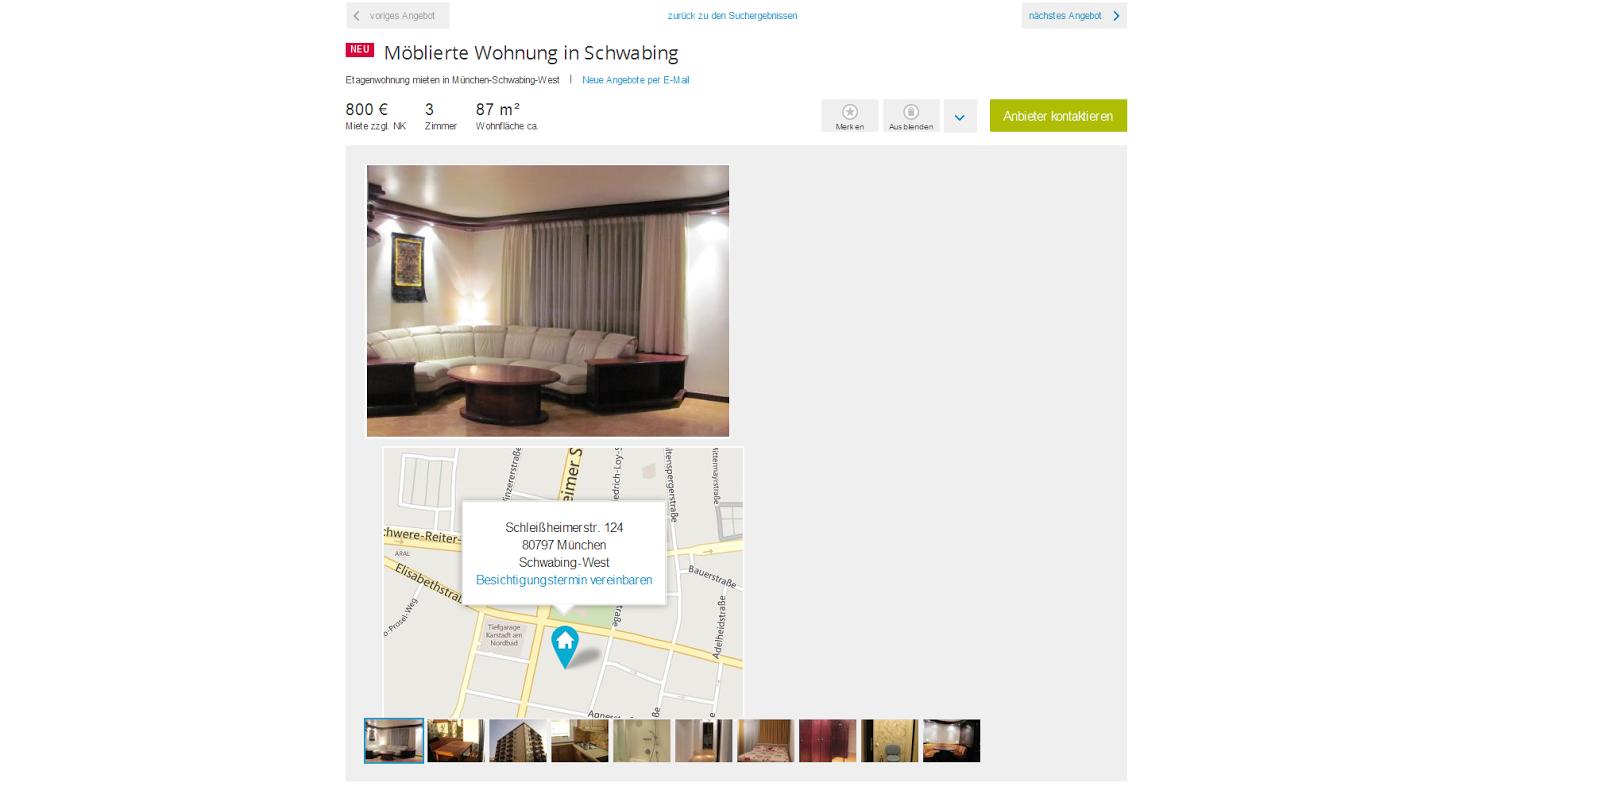 niklas fruehauf alias niklas fruehauf m blierte wohnung in. Black Bedroom Furniture Sets. Home Design Ideas